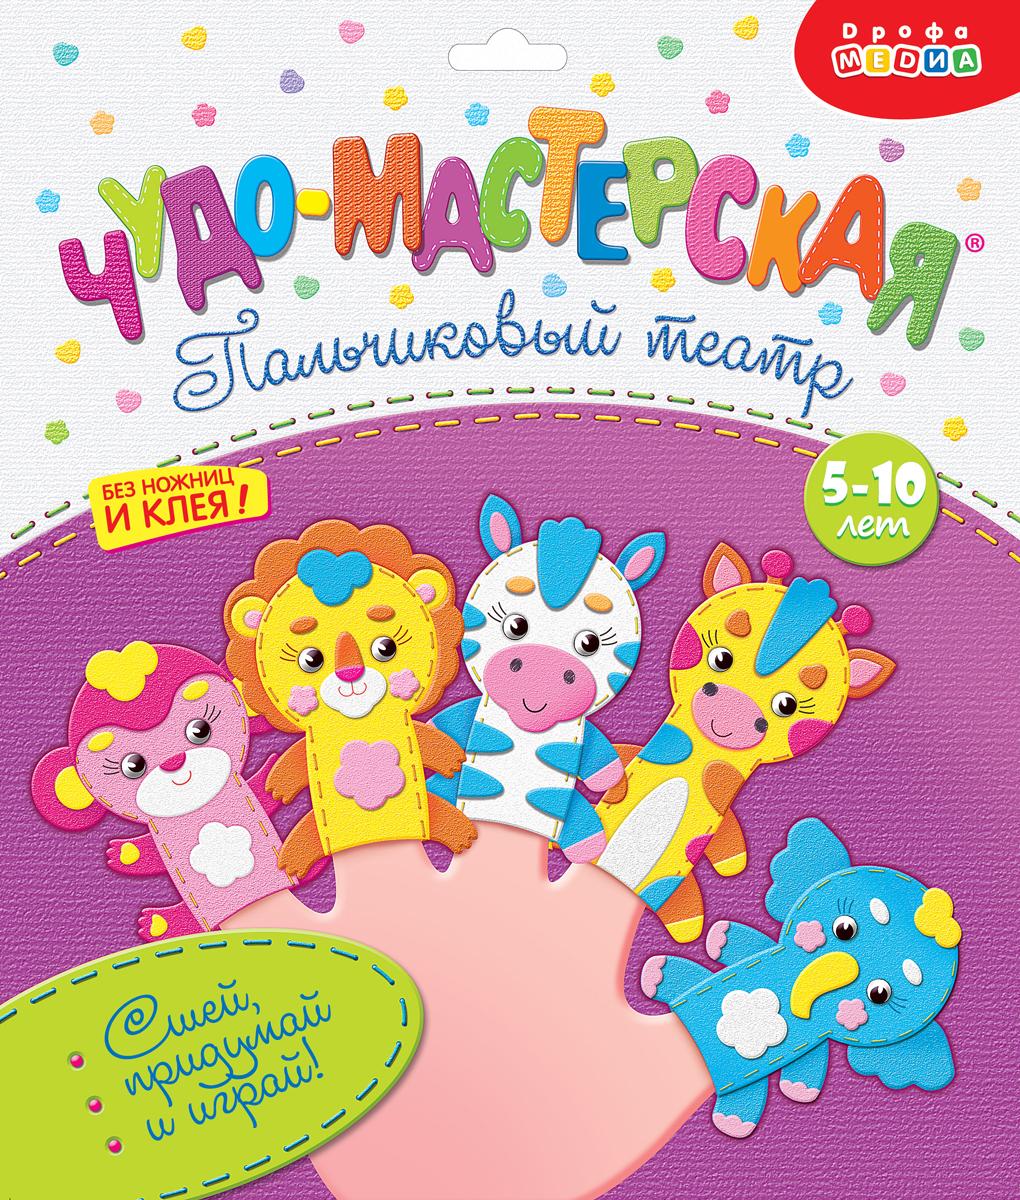 цена на Дрофа-Медиа Набор для изготовления игрушек Пальчиковый театр Зоопарк